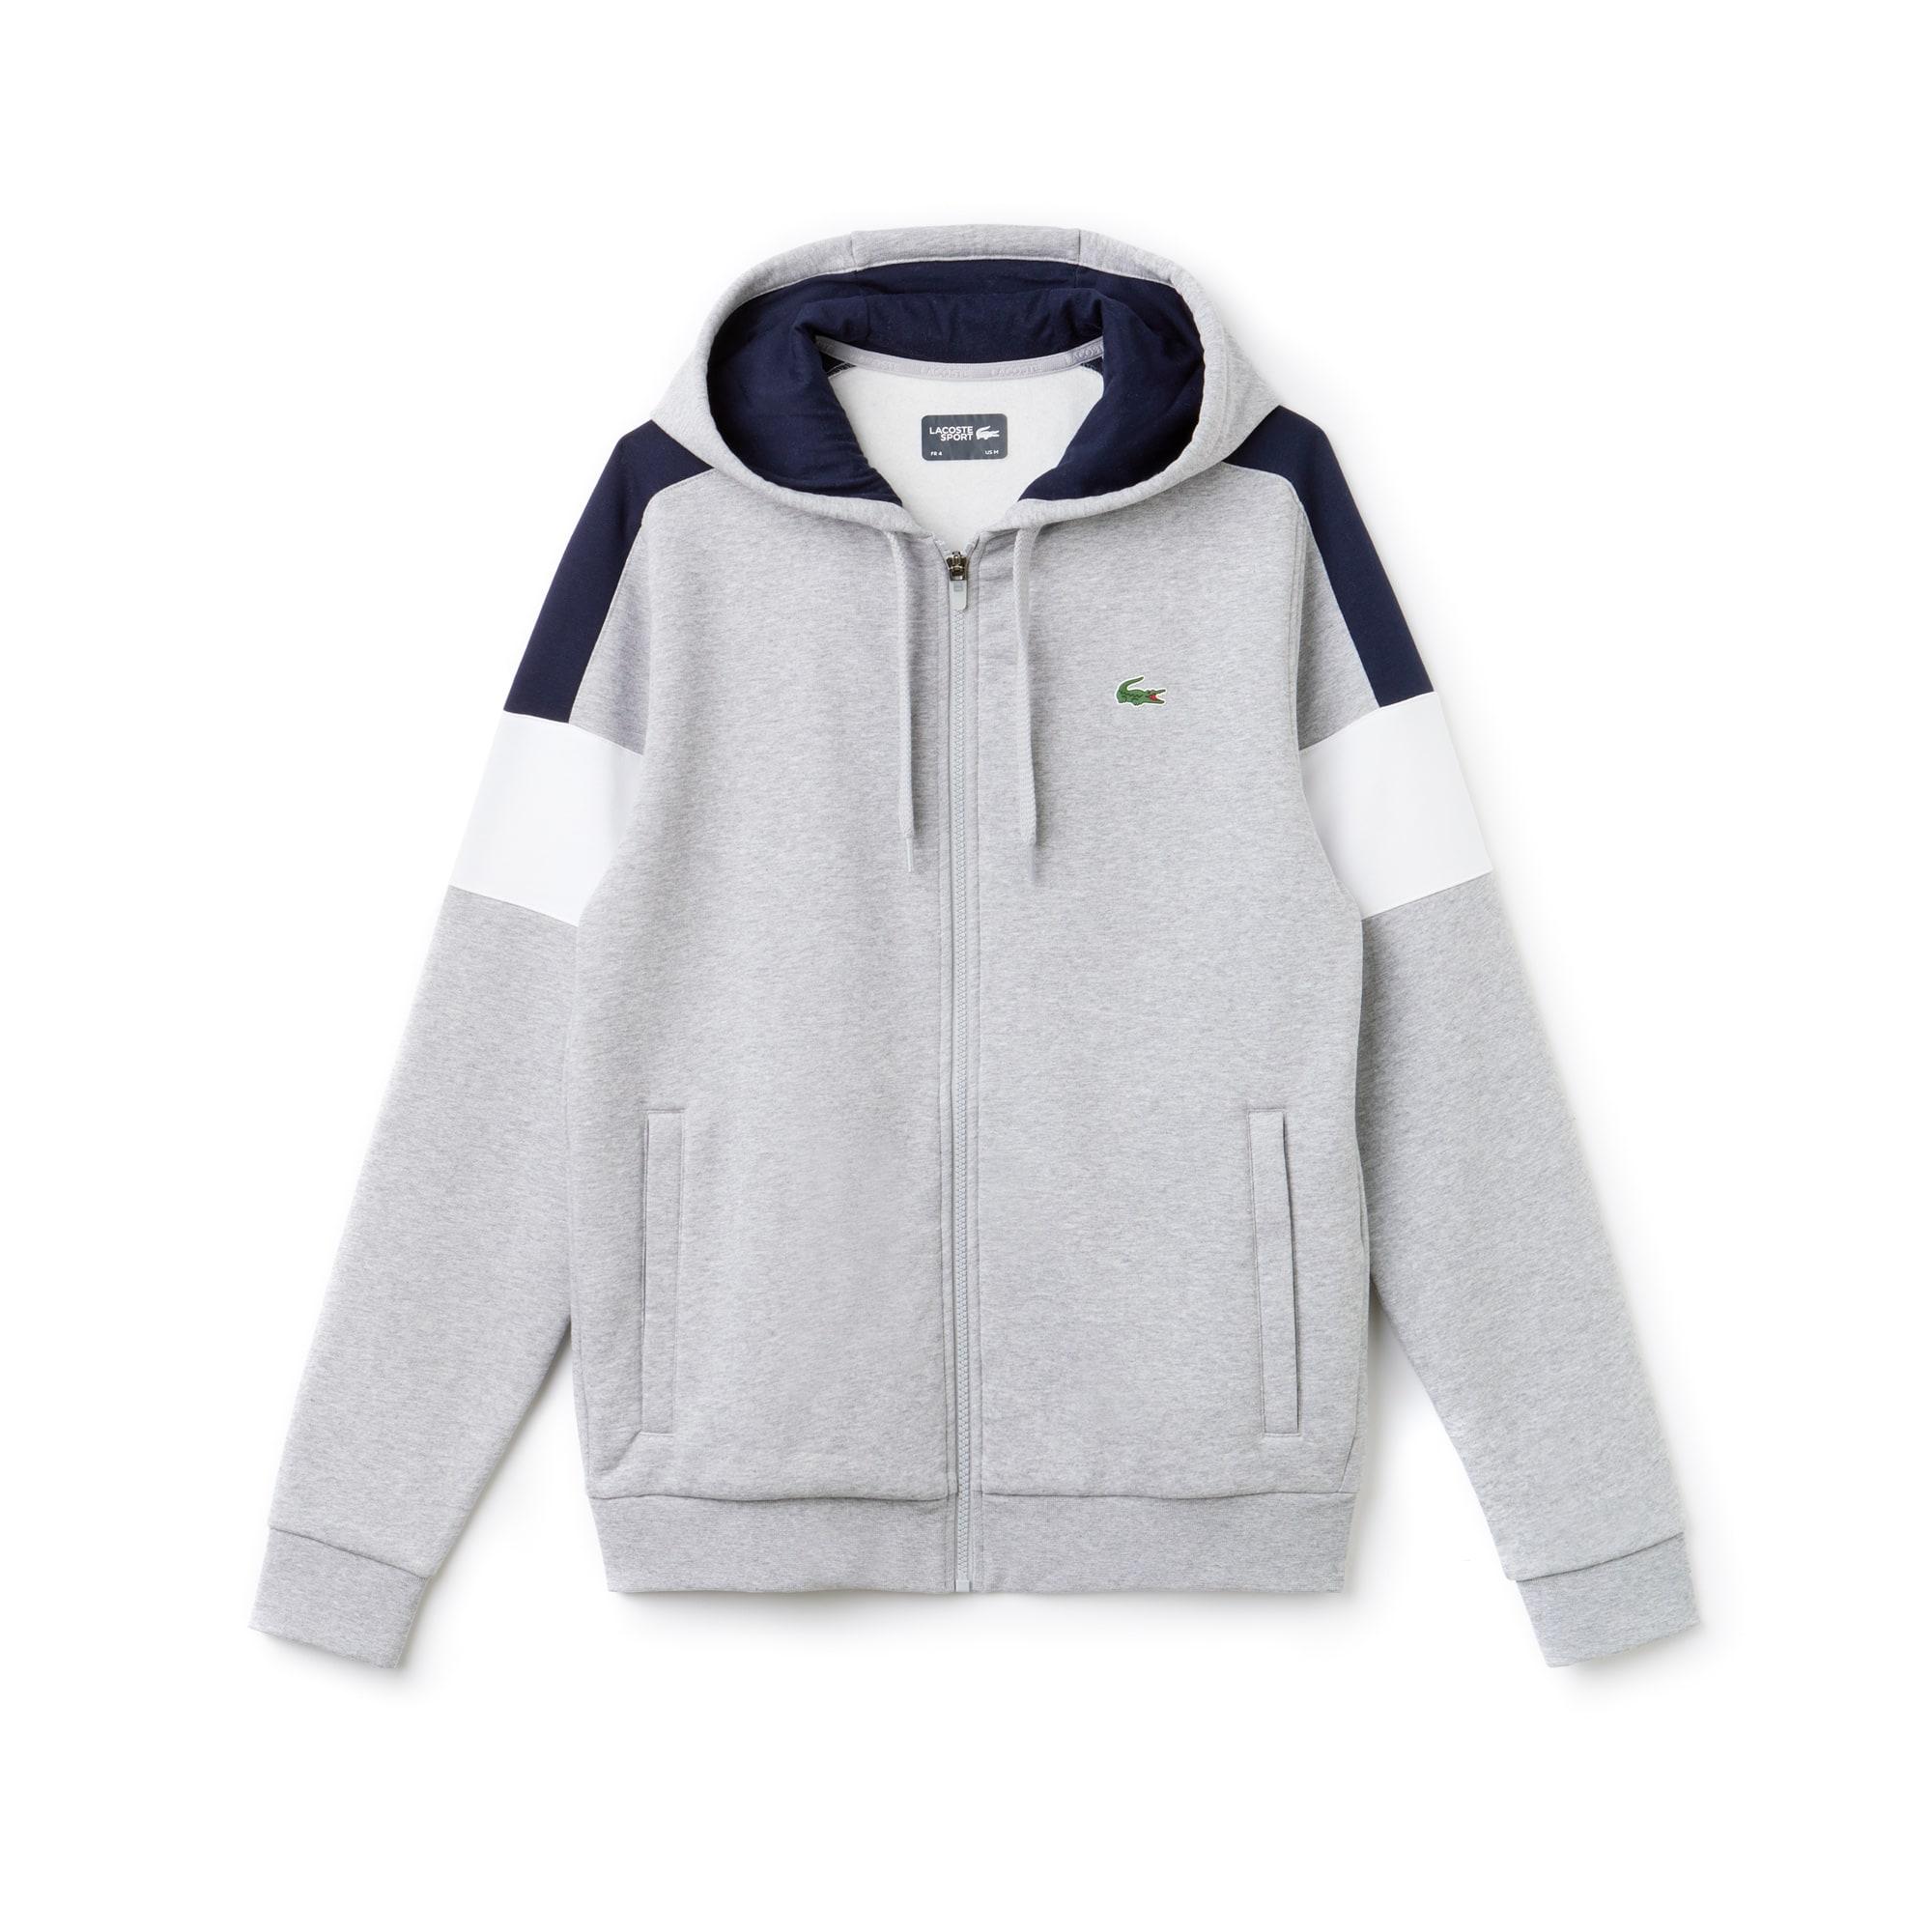 Sweatshirt com fecho de correr Tennis Lacoste SPORT em moletão color block